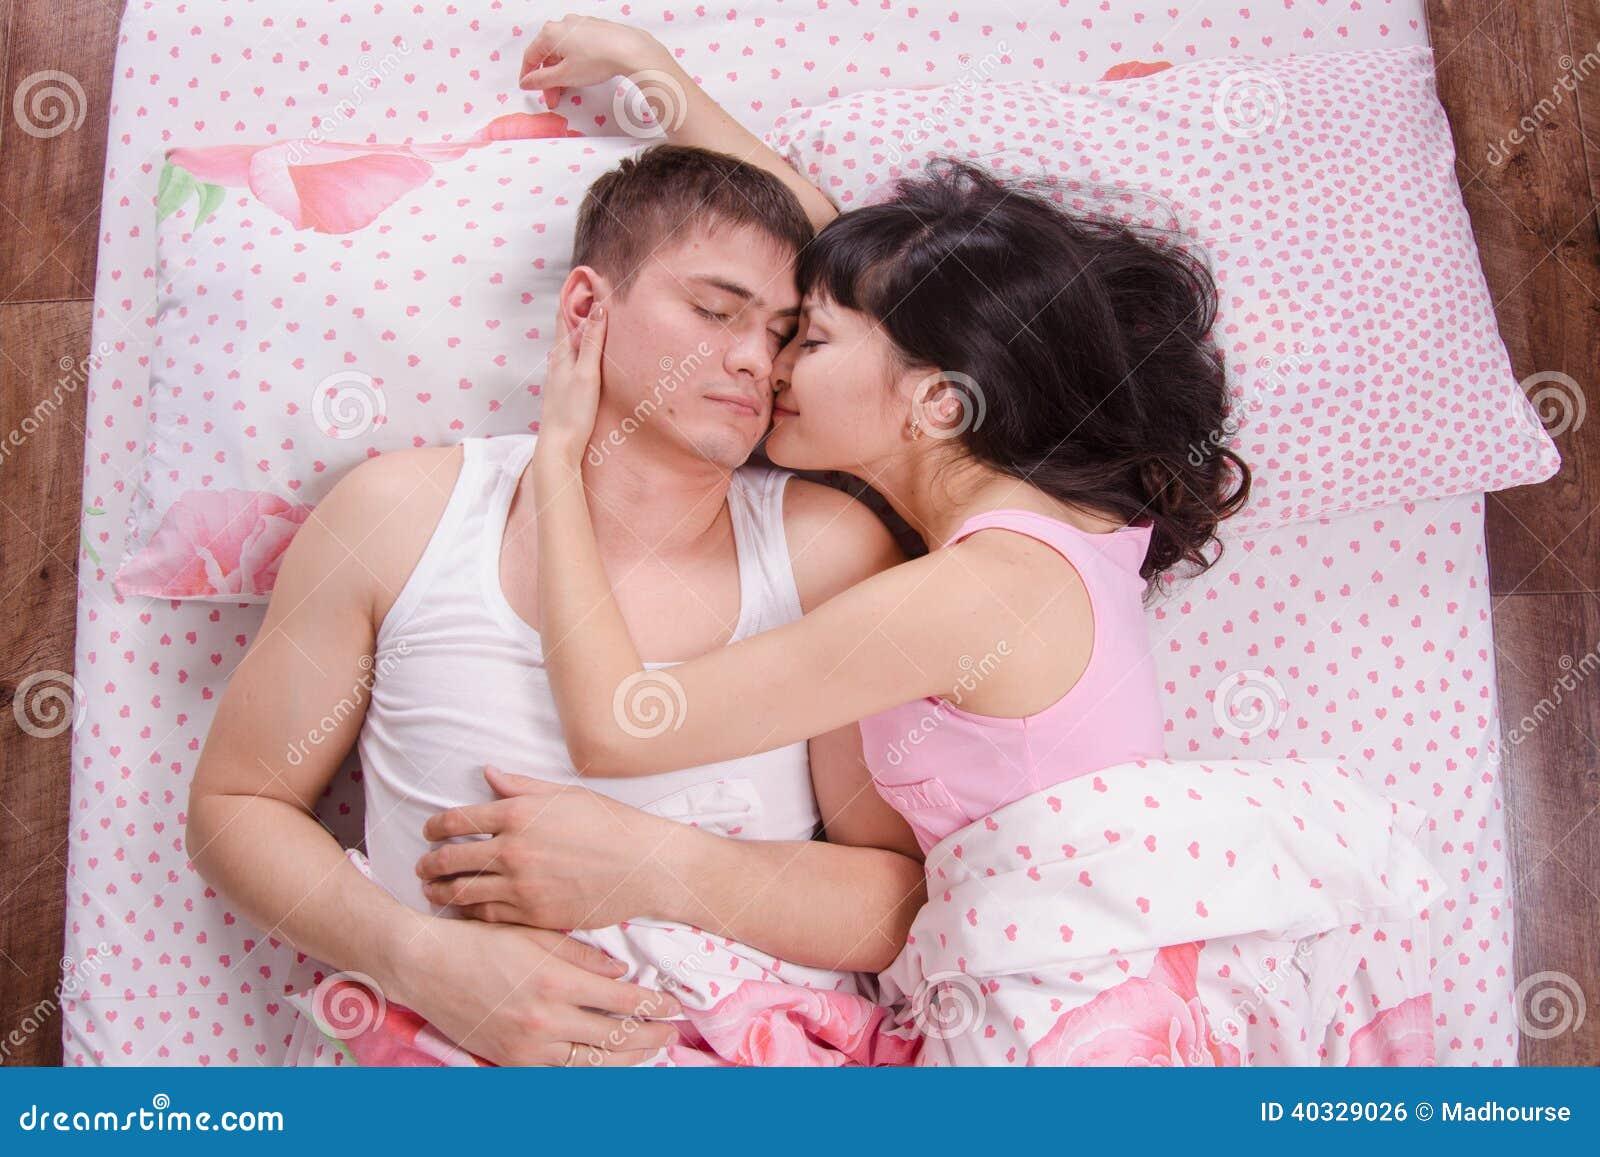 Я жена и друг в постеле 4 фотография